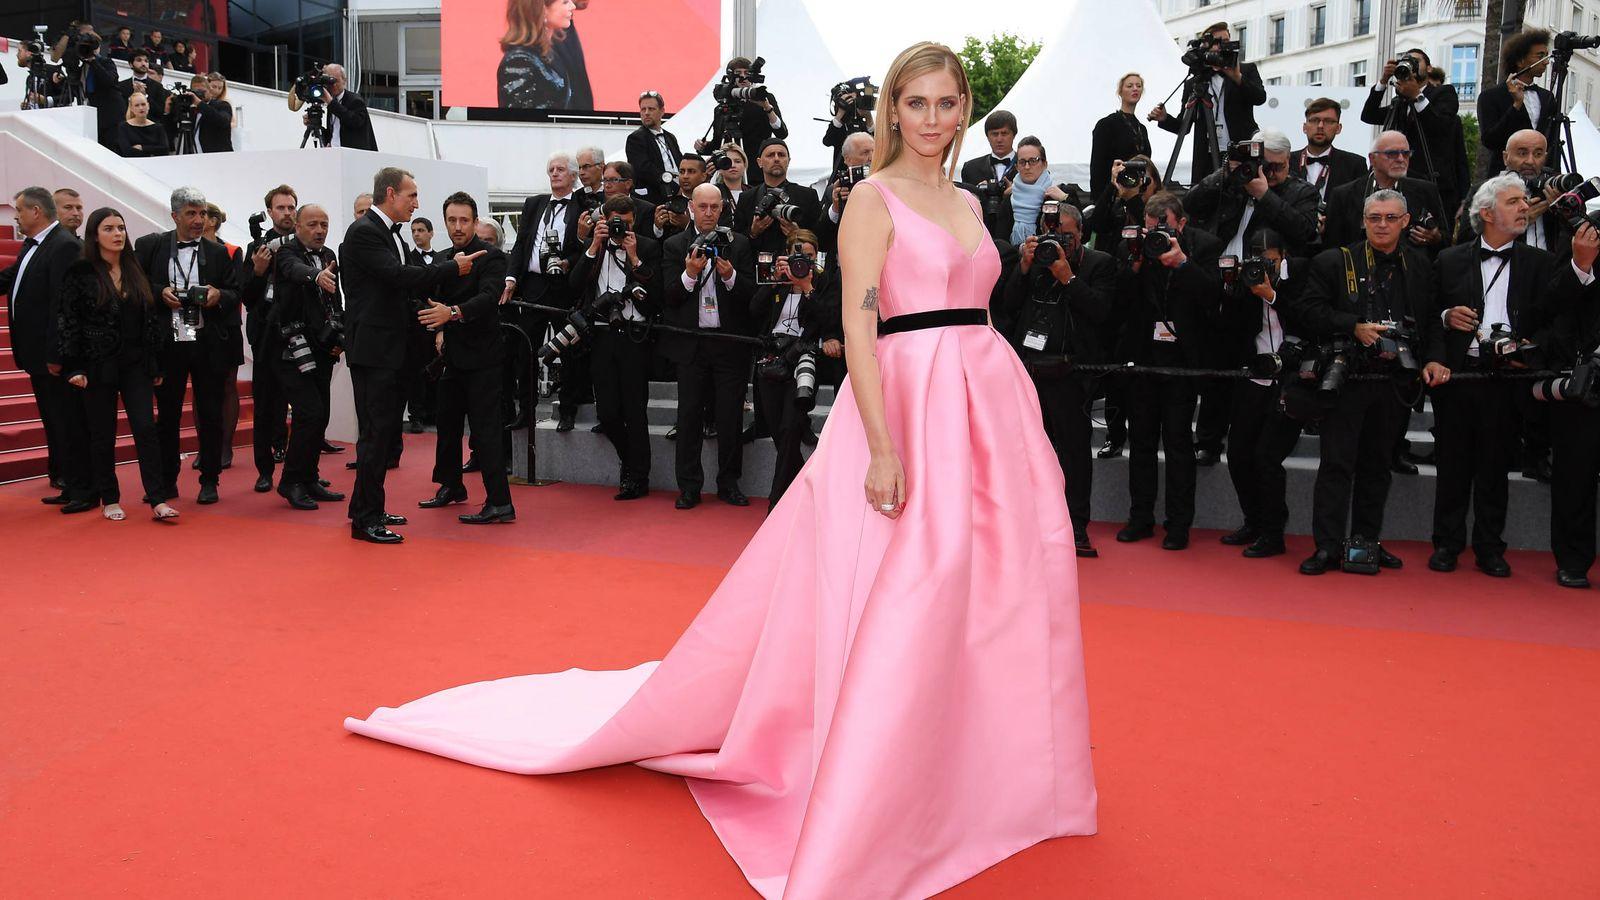 Foto: Chiara Ferragni a su llegada a la presentación de la película 'Le Grand Bain' en el Festival de Cannes. (Getty)